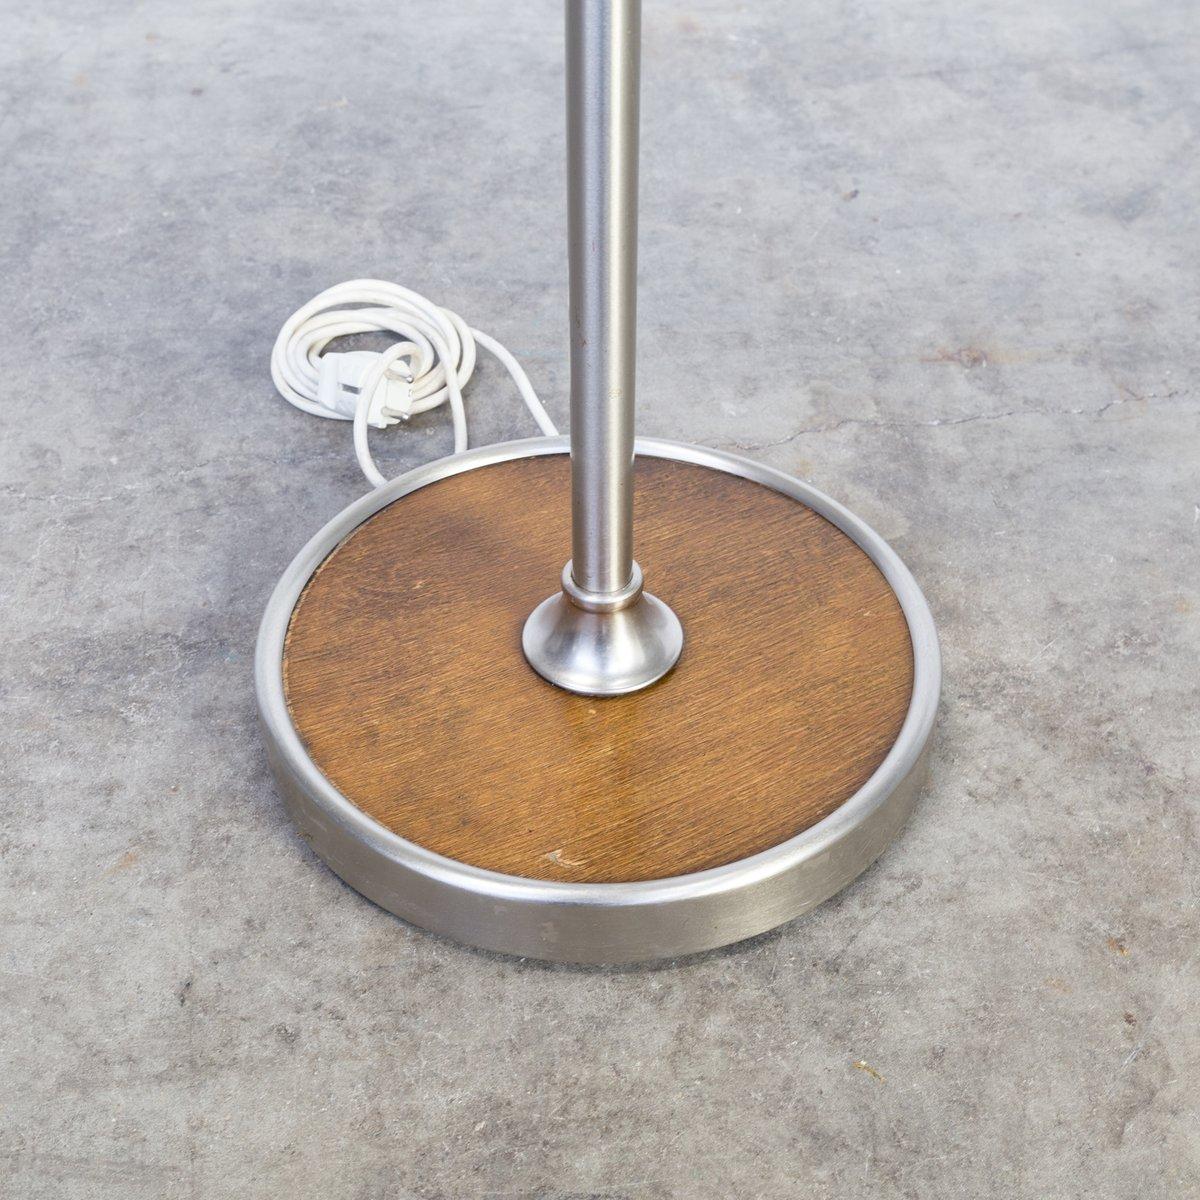 stehlampe aus metall leder holz mit schwenkarm 1980er. Black Bedroom Furniture Sets. Home Design Ideas